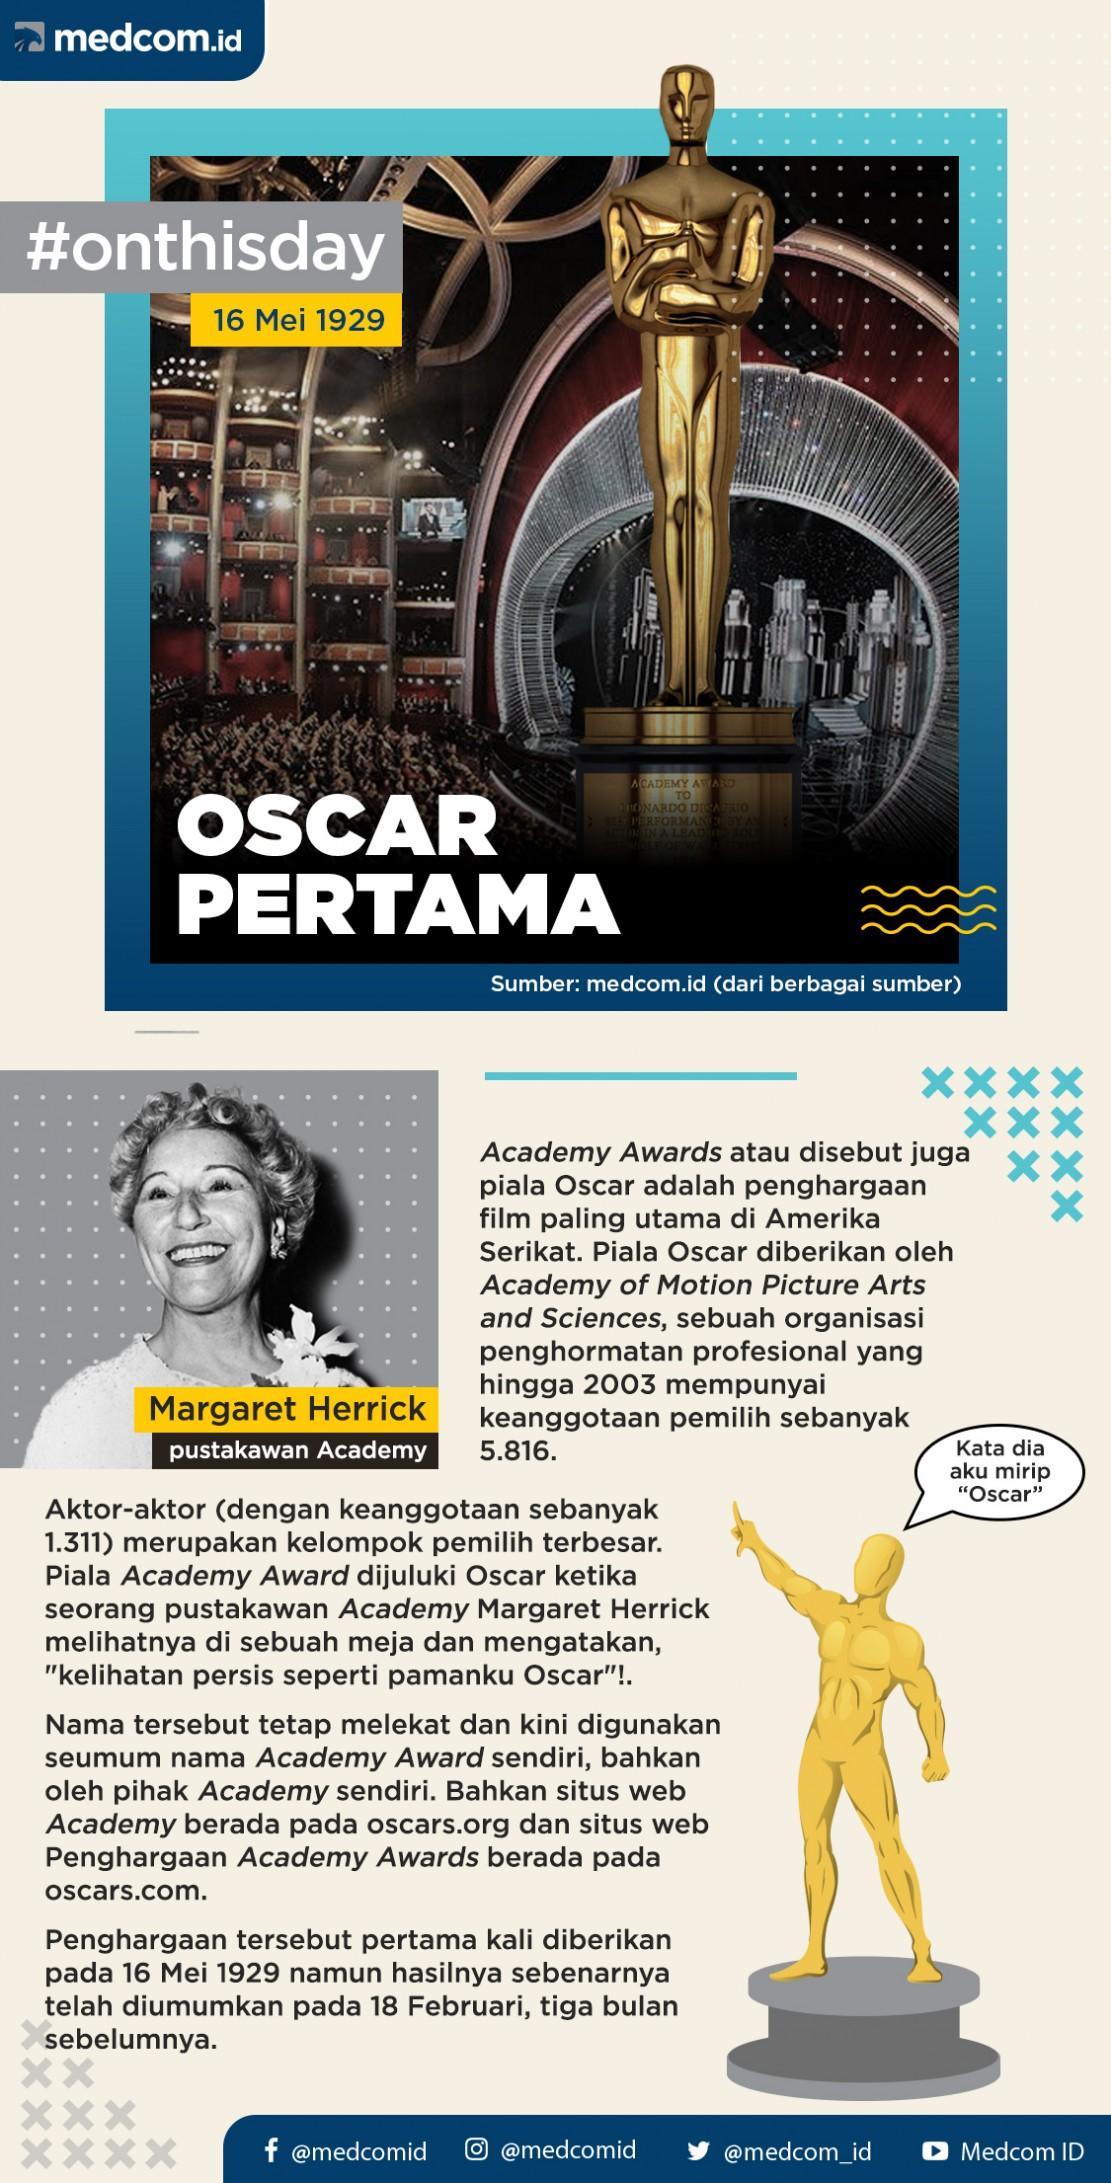 Pada Hari Ini: Oscar Pertama